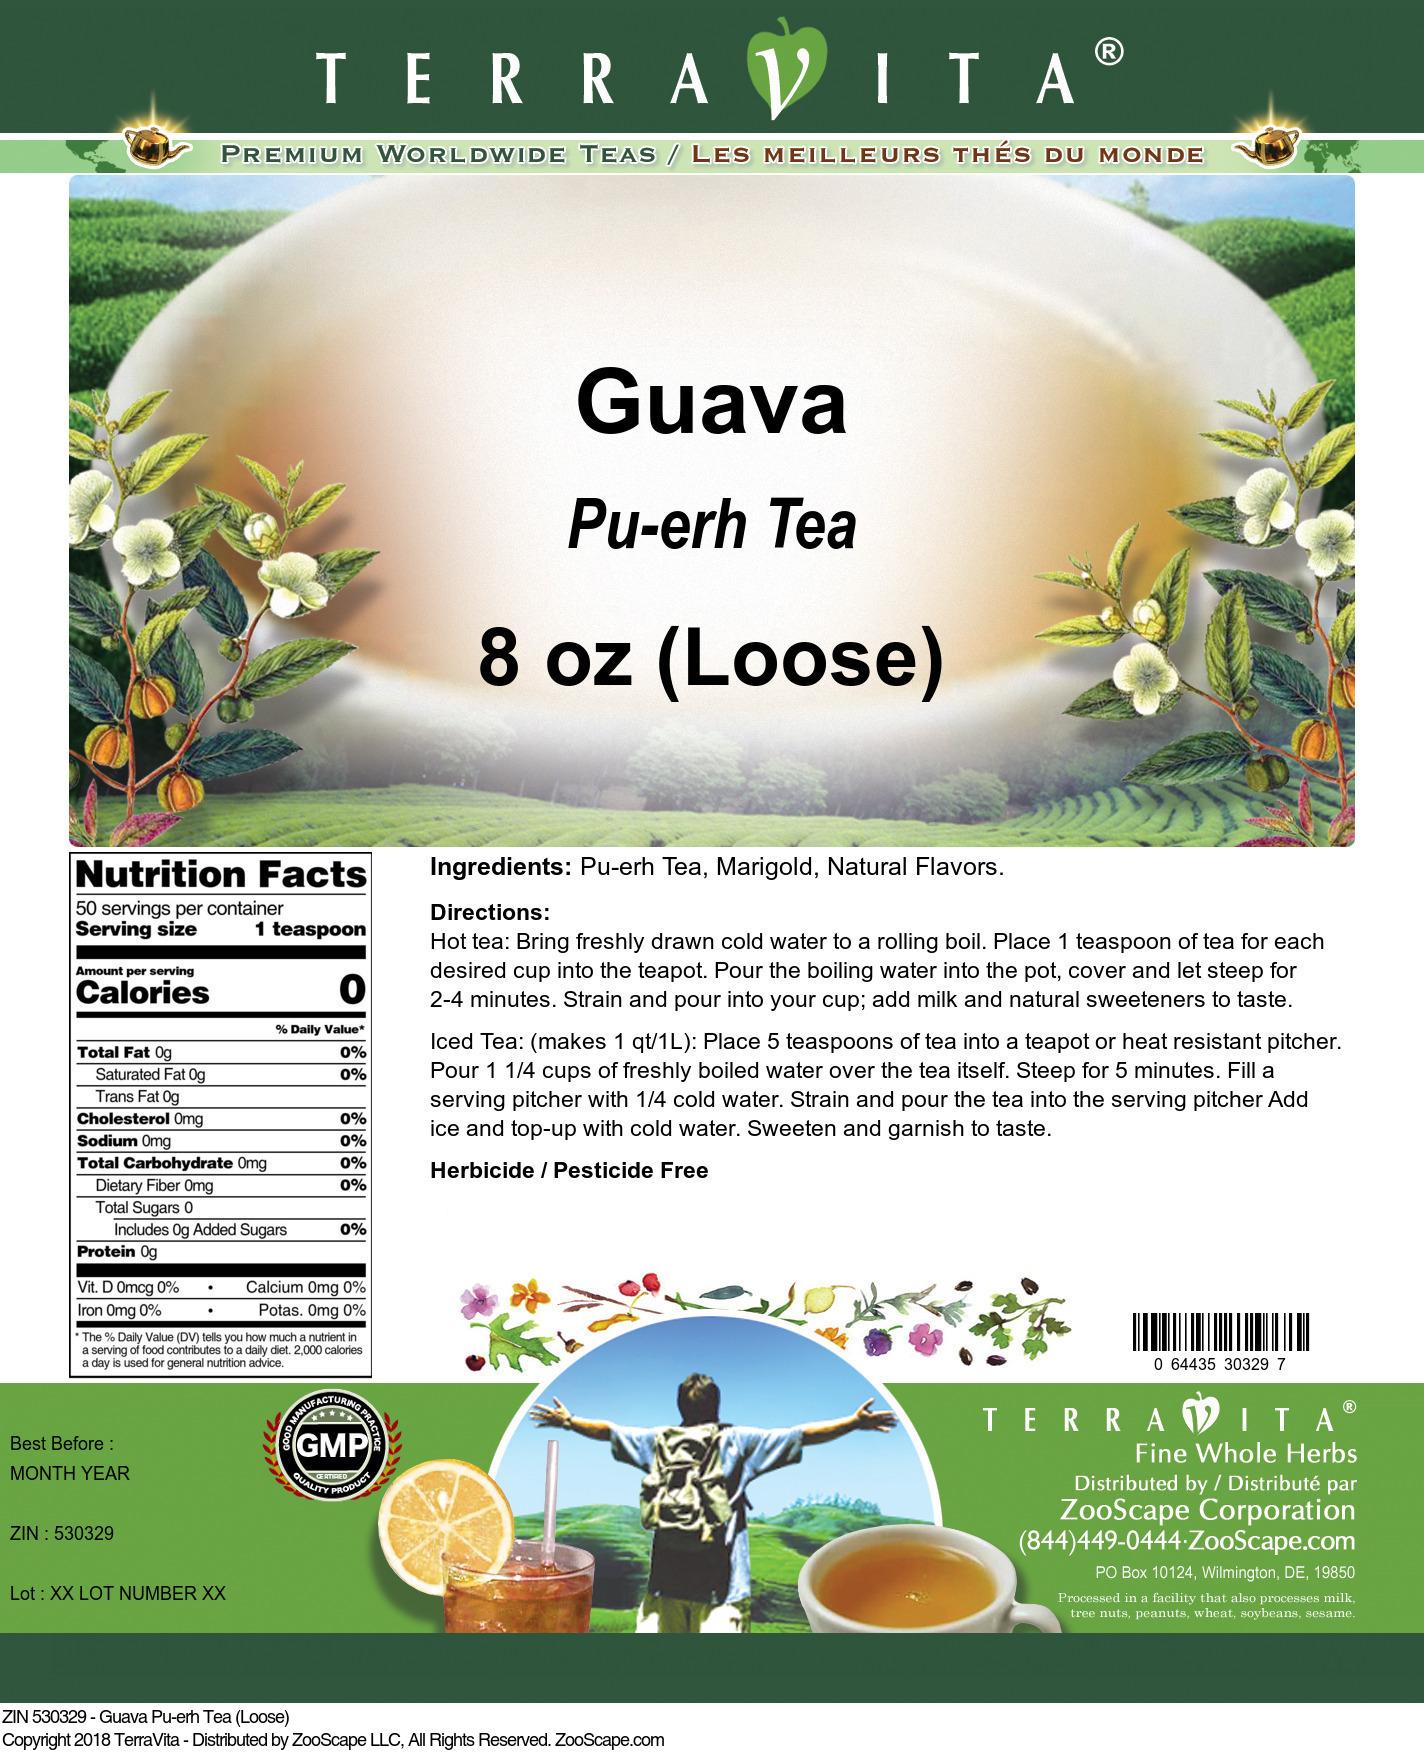 Guava Pu-erh Tea (Loose)